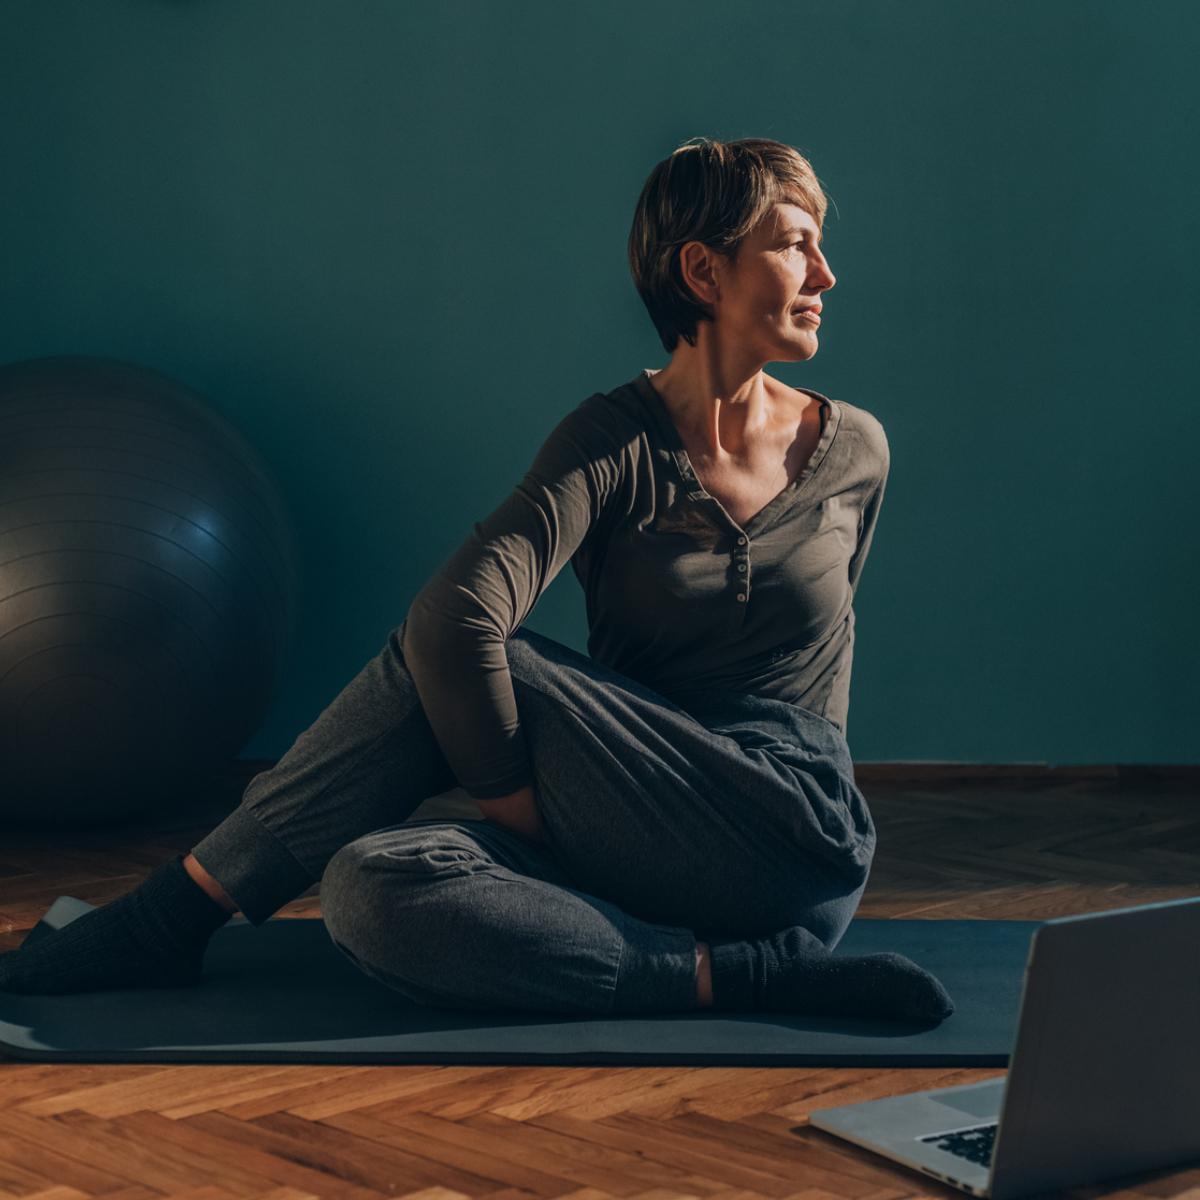 Urban Sports Club Online-Yoga